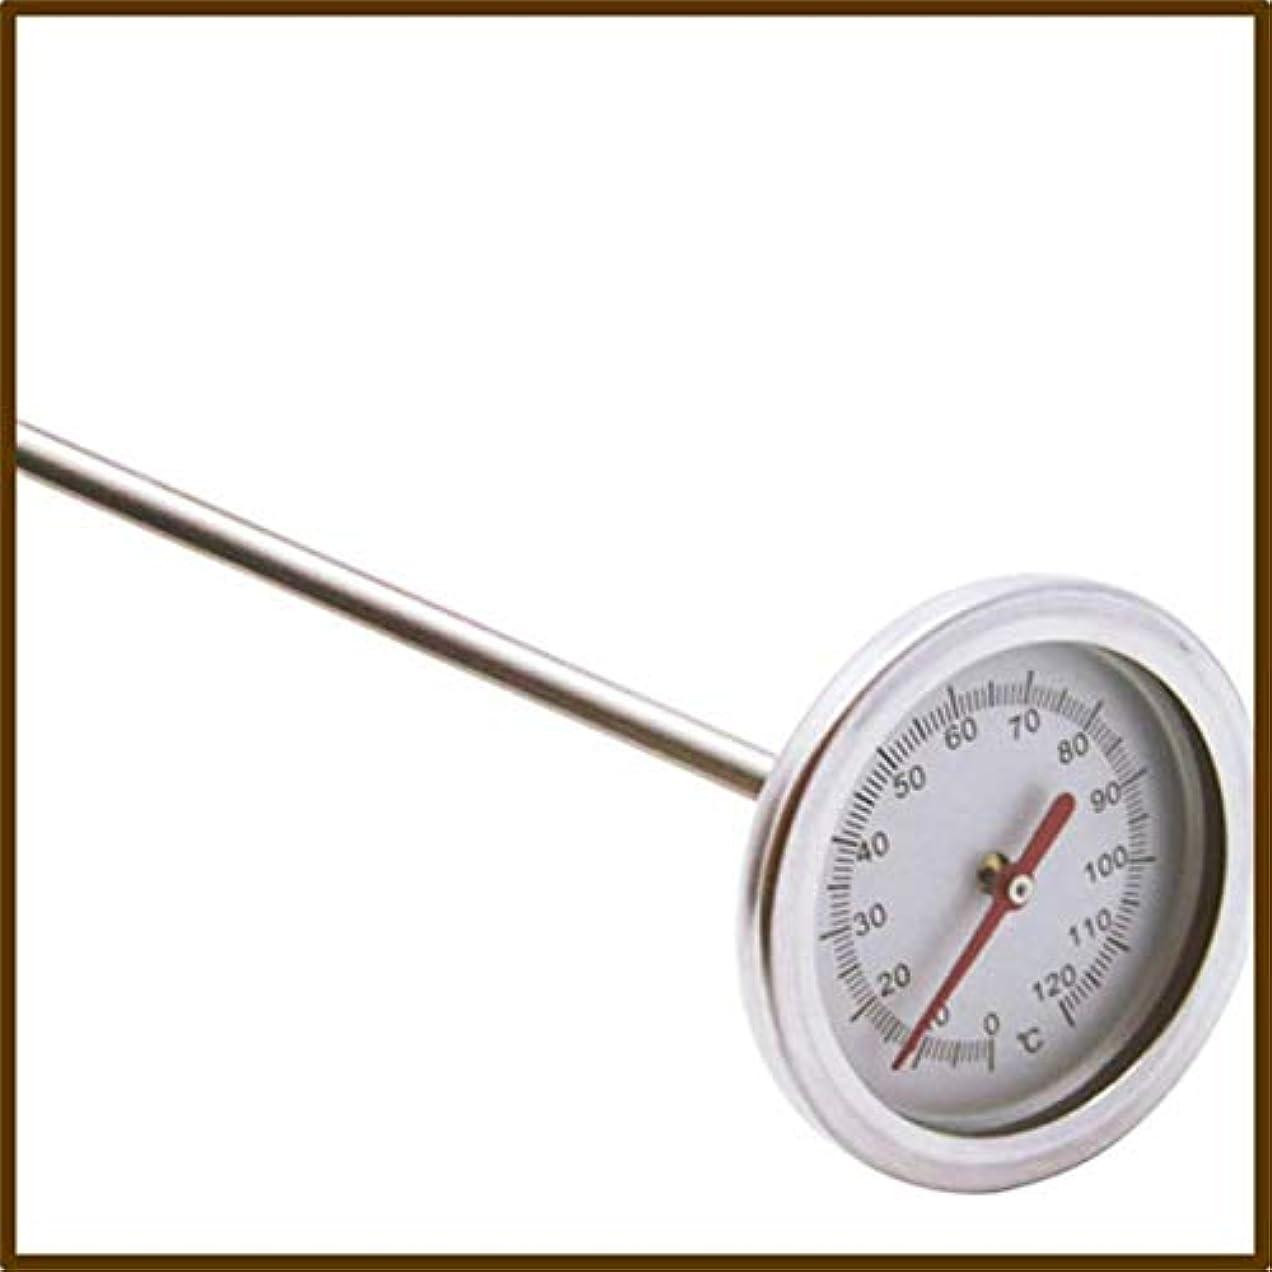 組立カナダ接地Saikogoods 20インチ50cmの長さ 0℃-120℃ 堆肥の土壌温度計 プローブ検出器の測定プレミアム食品グレードステンレススチール メタル 銀